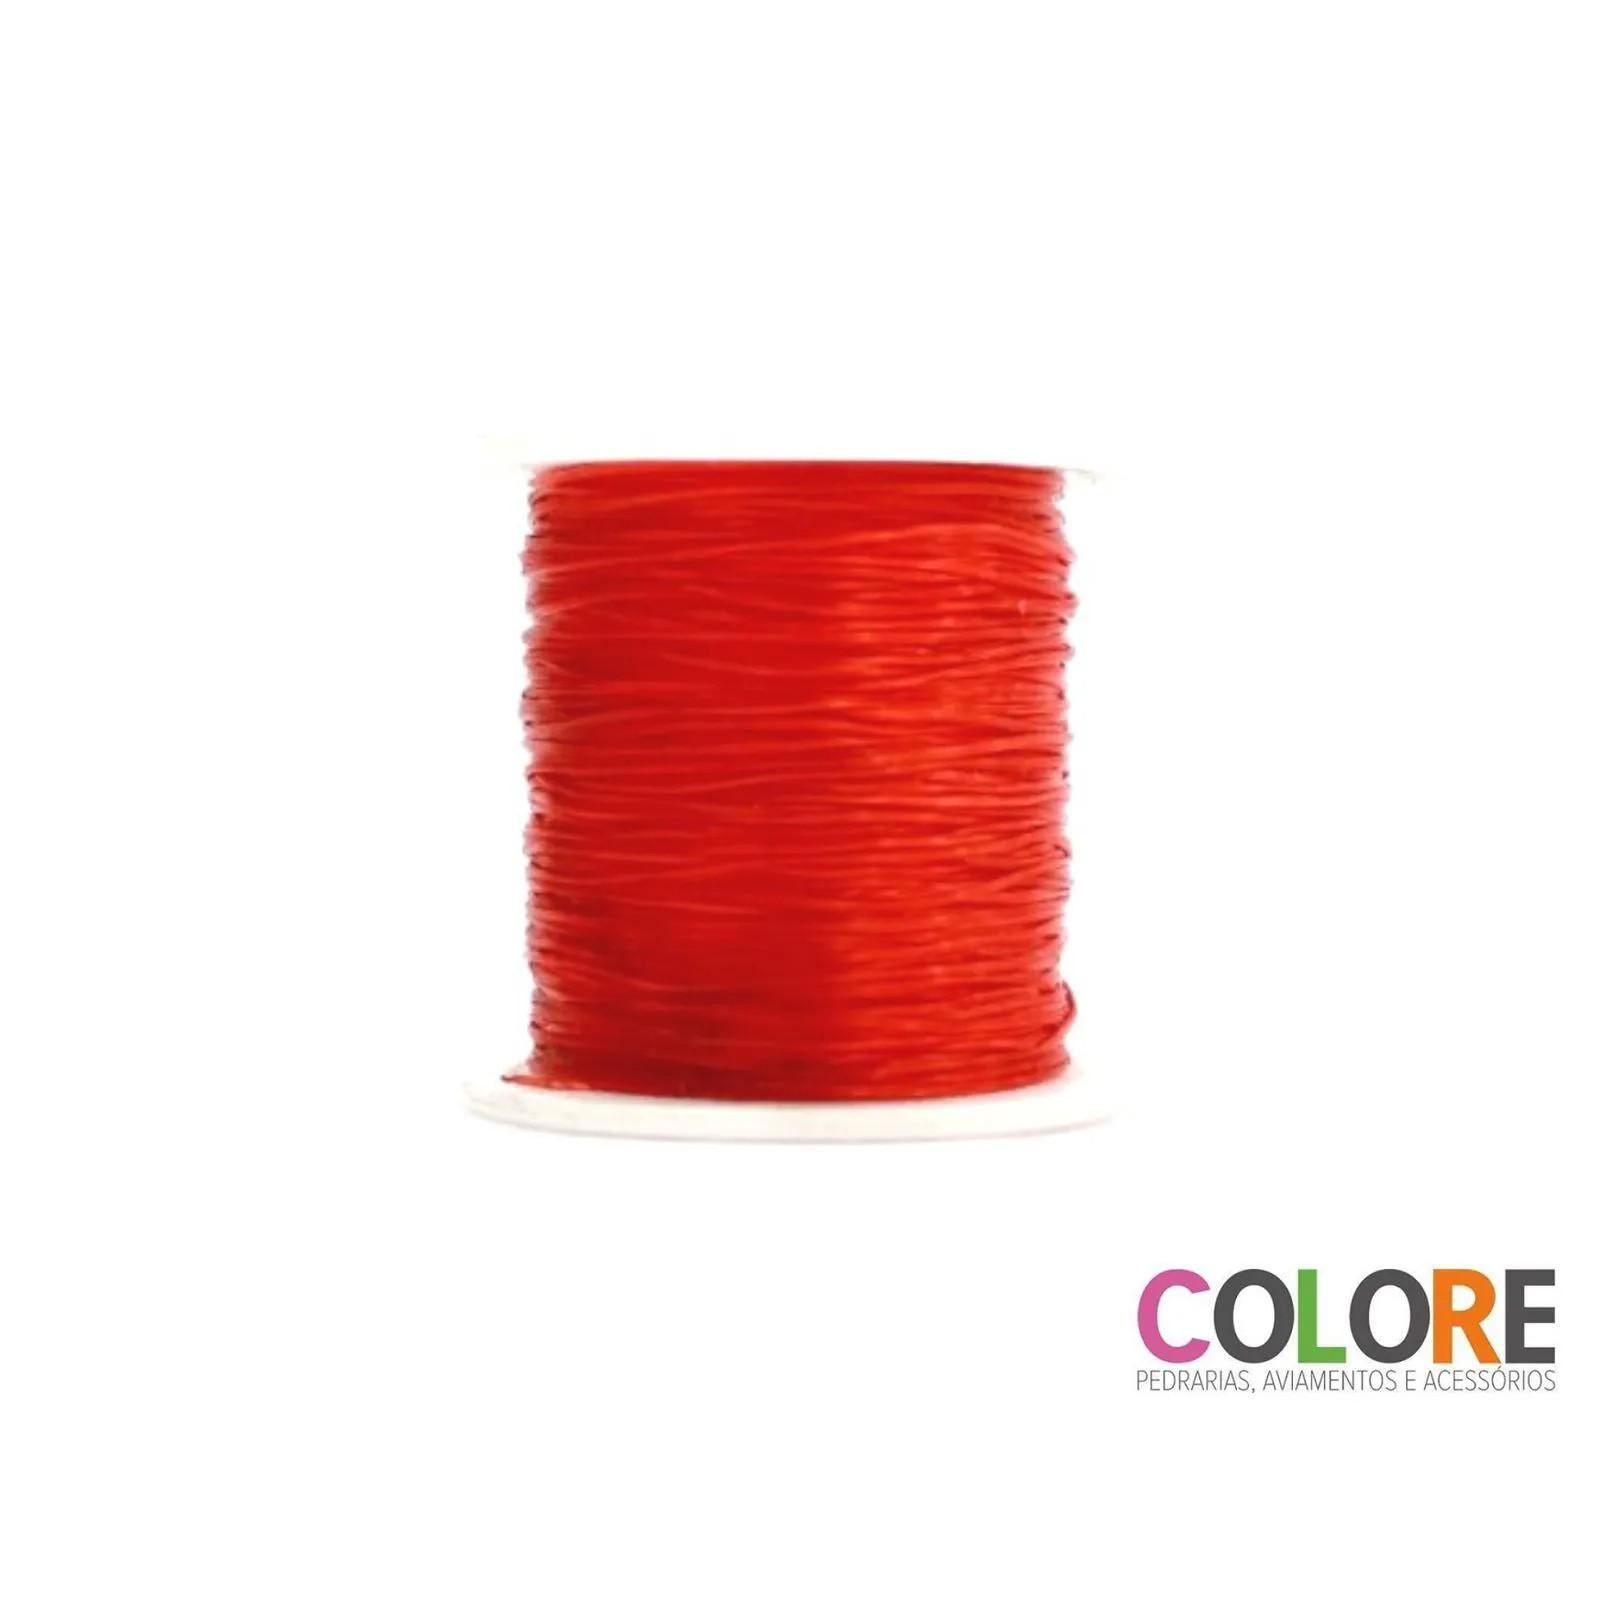 Fio Elástico - 0,01mm - Colorido - Rolo com 100 metros